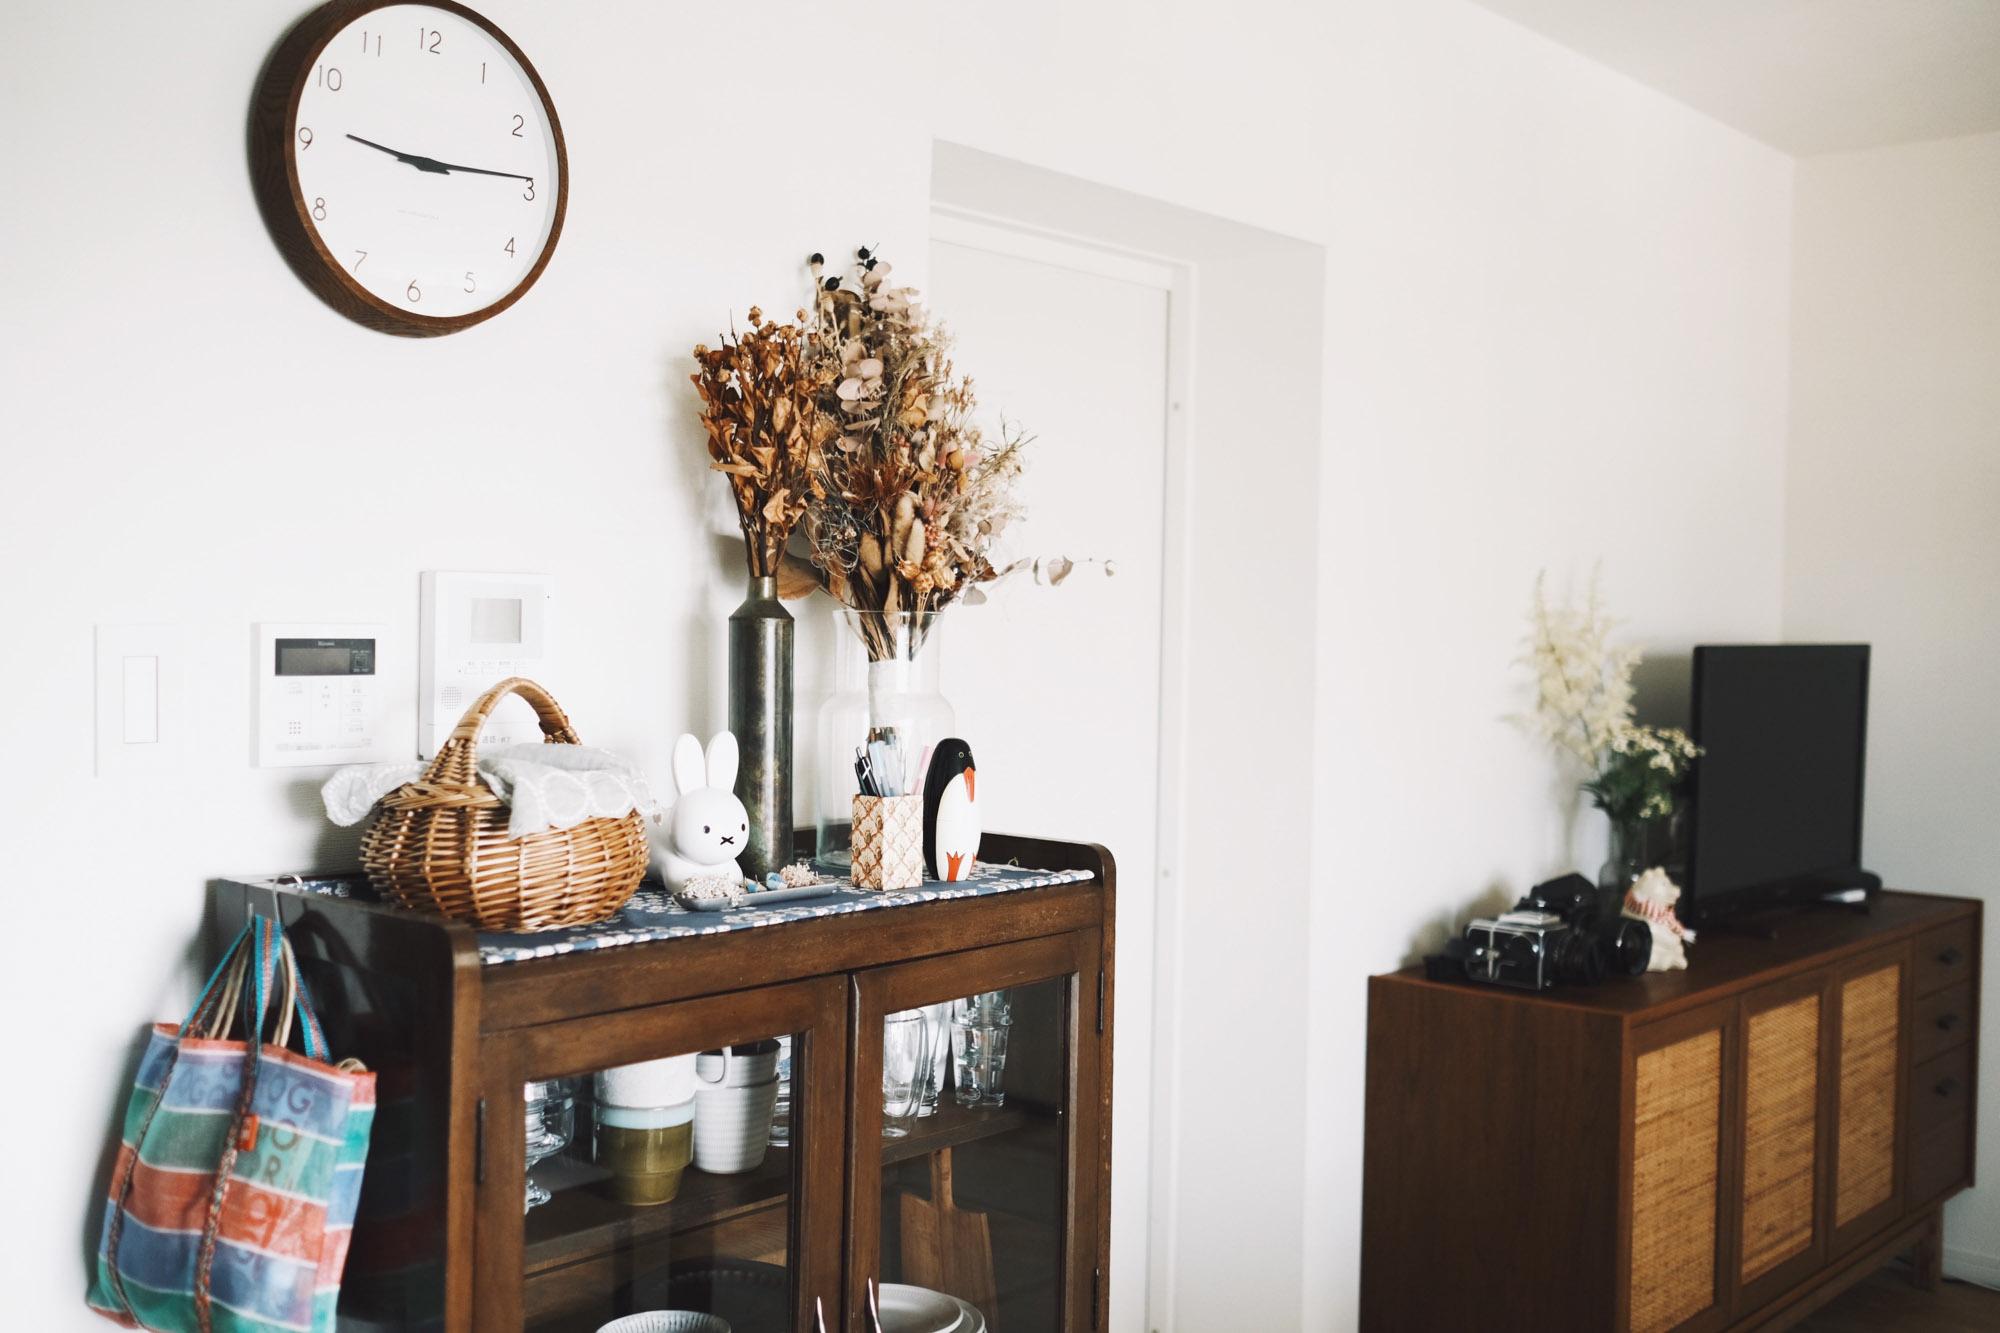 好きなものを選びながらも、木の色味などはしっかり揃えるのがポイント。テレビボードはunico、食器棚はアンティークのもの。